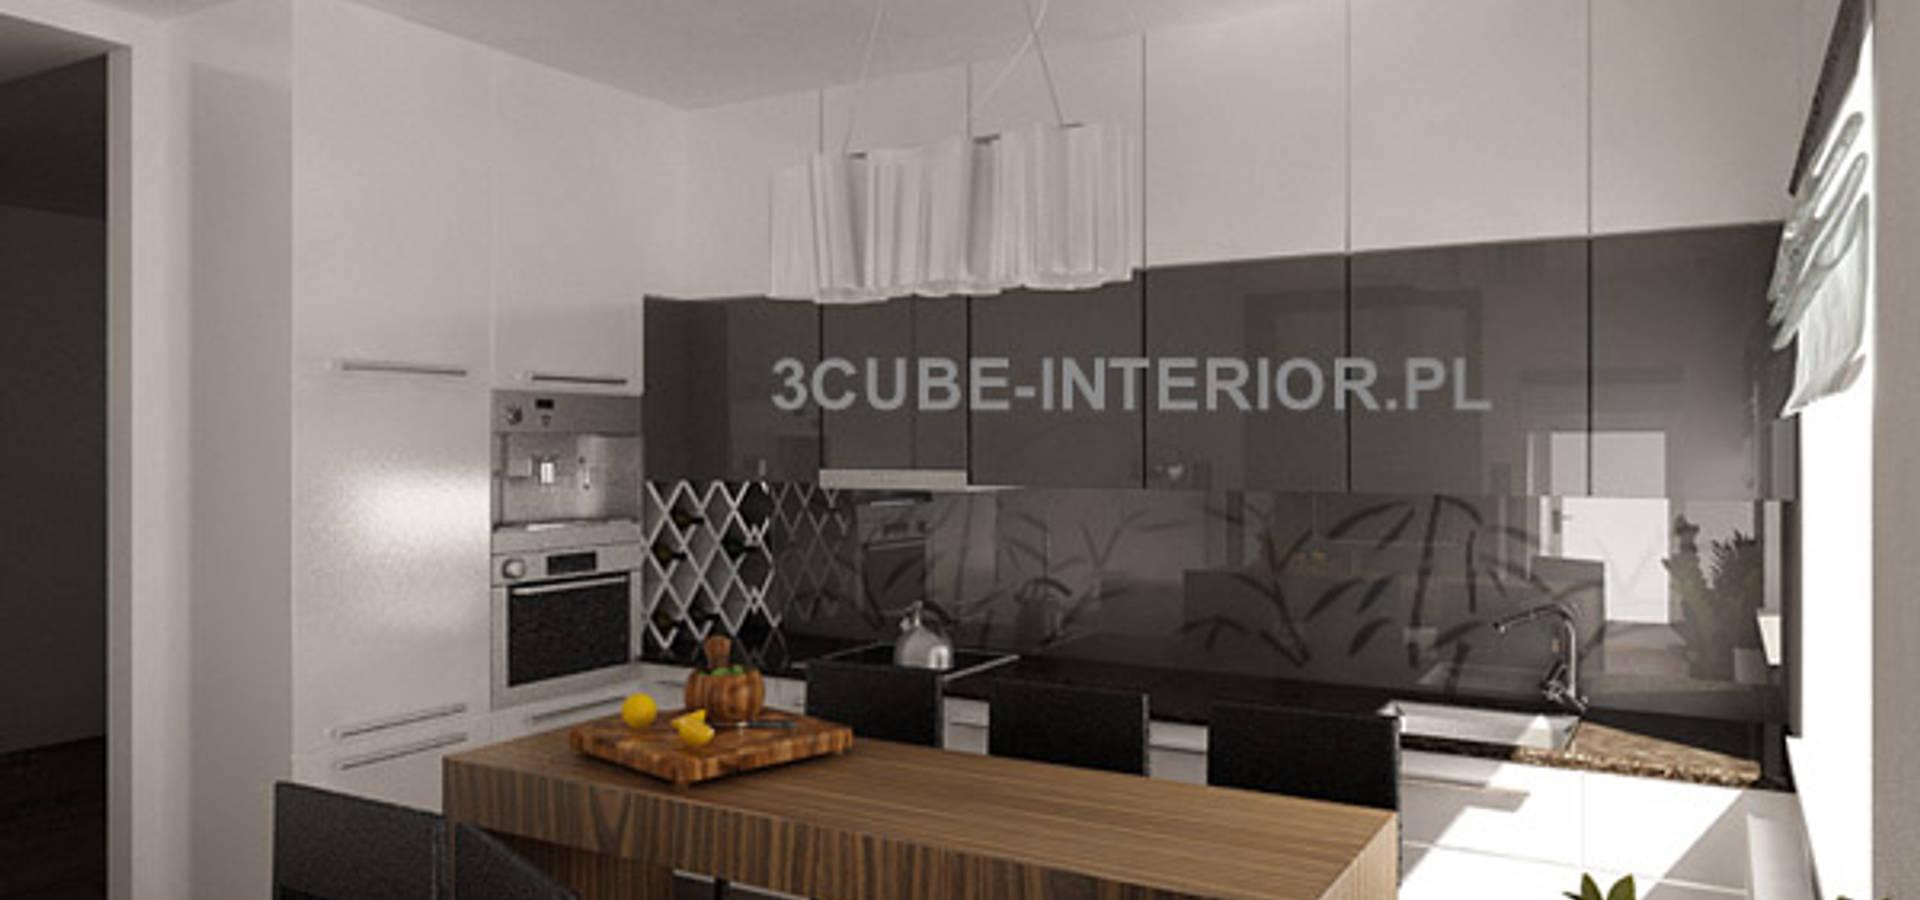 3cube Interior Designer